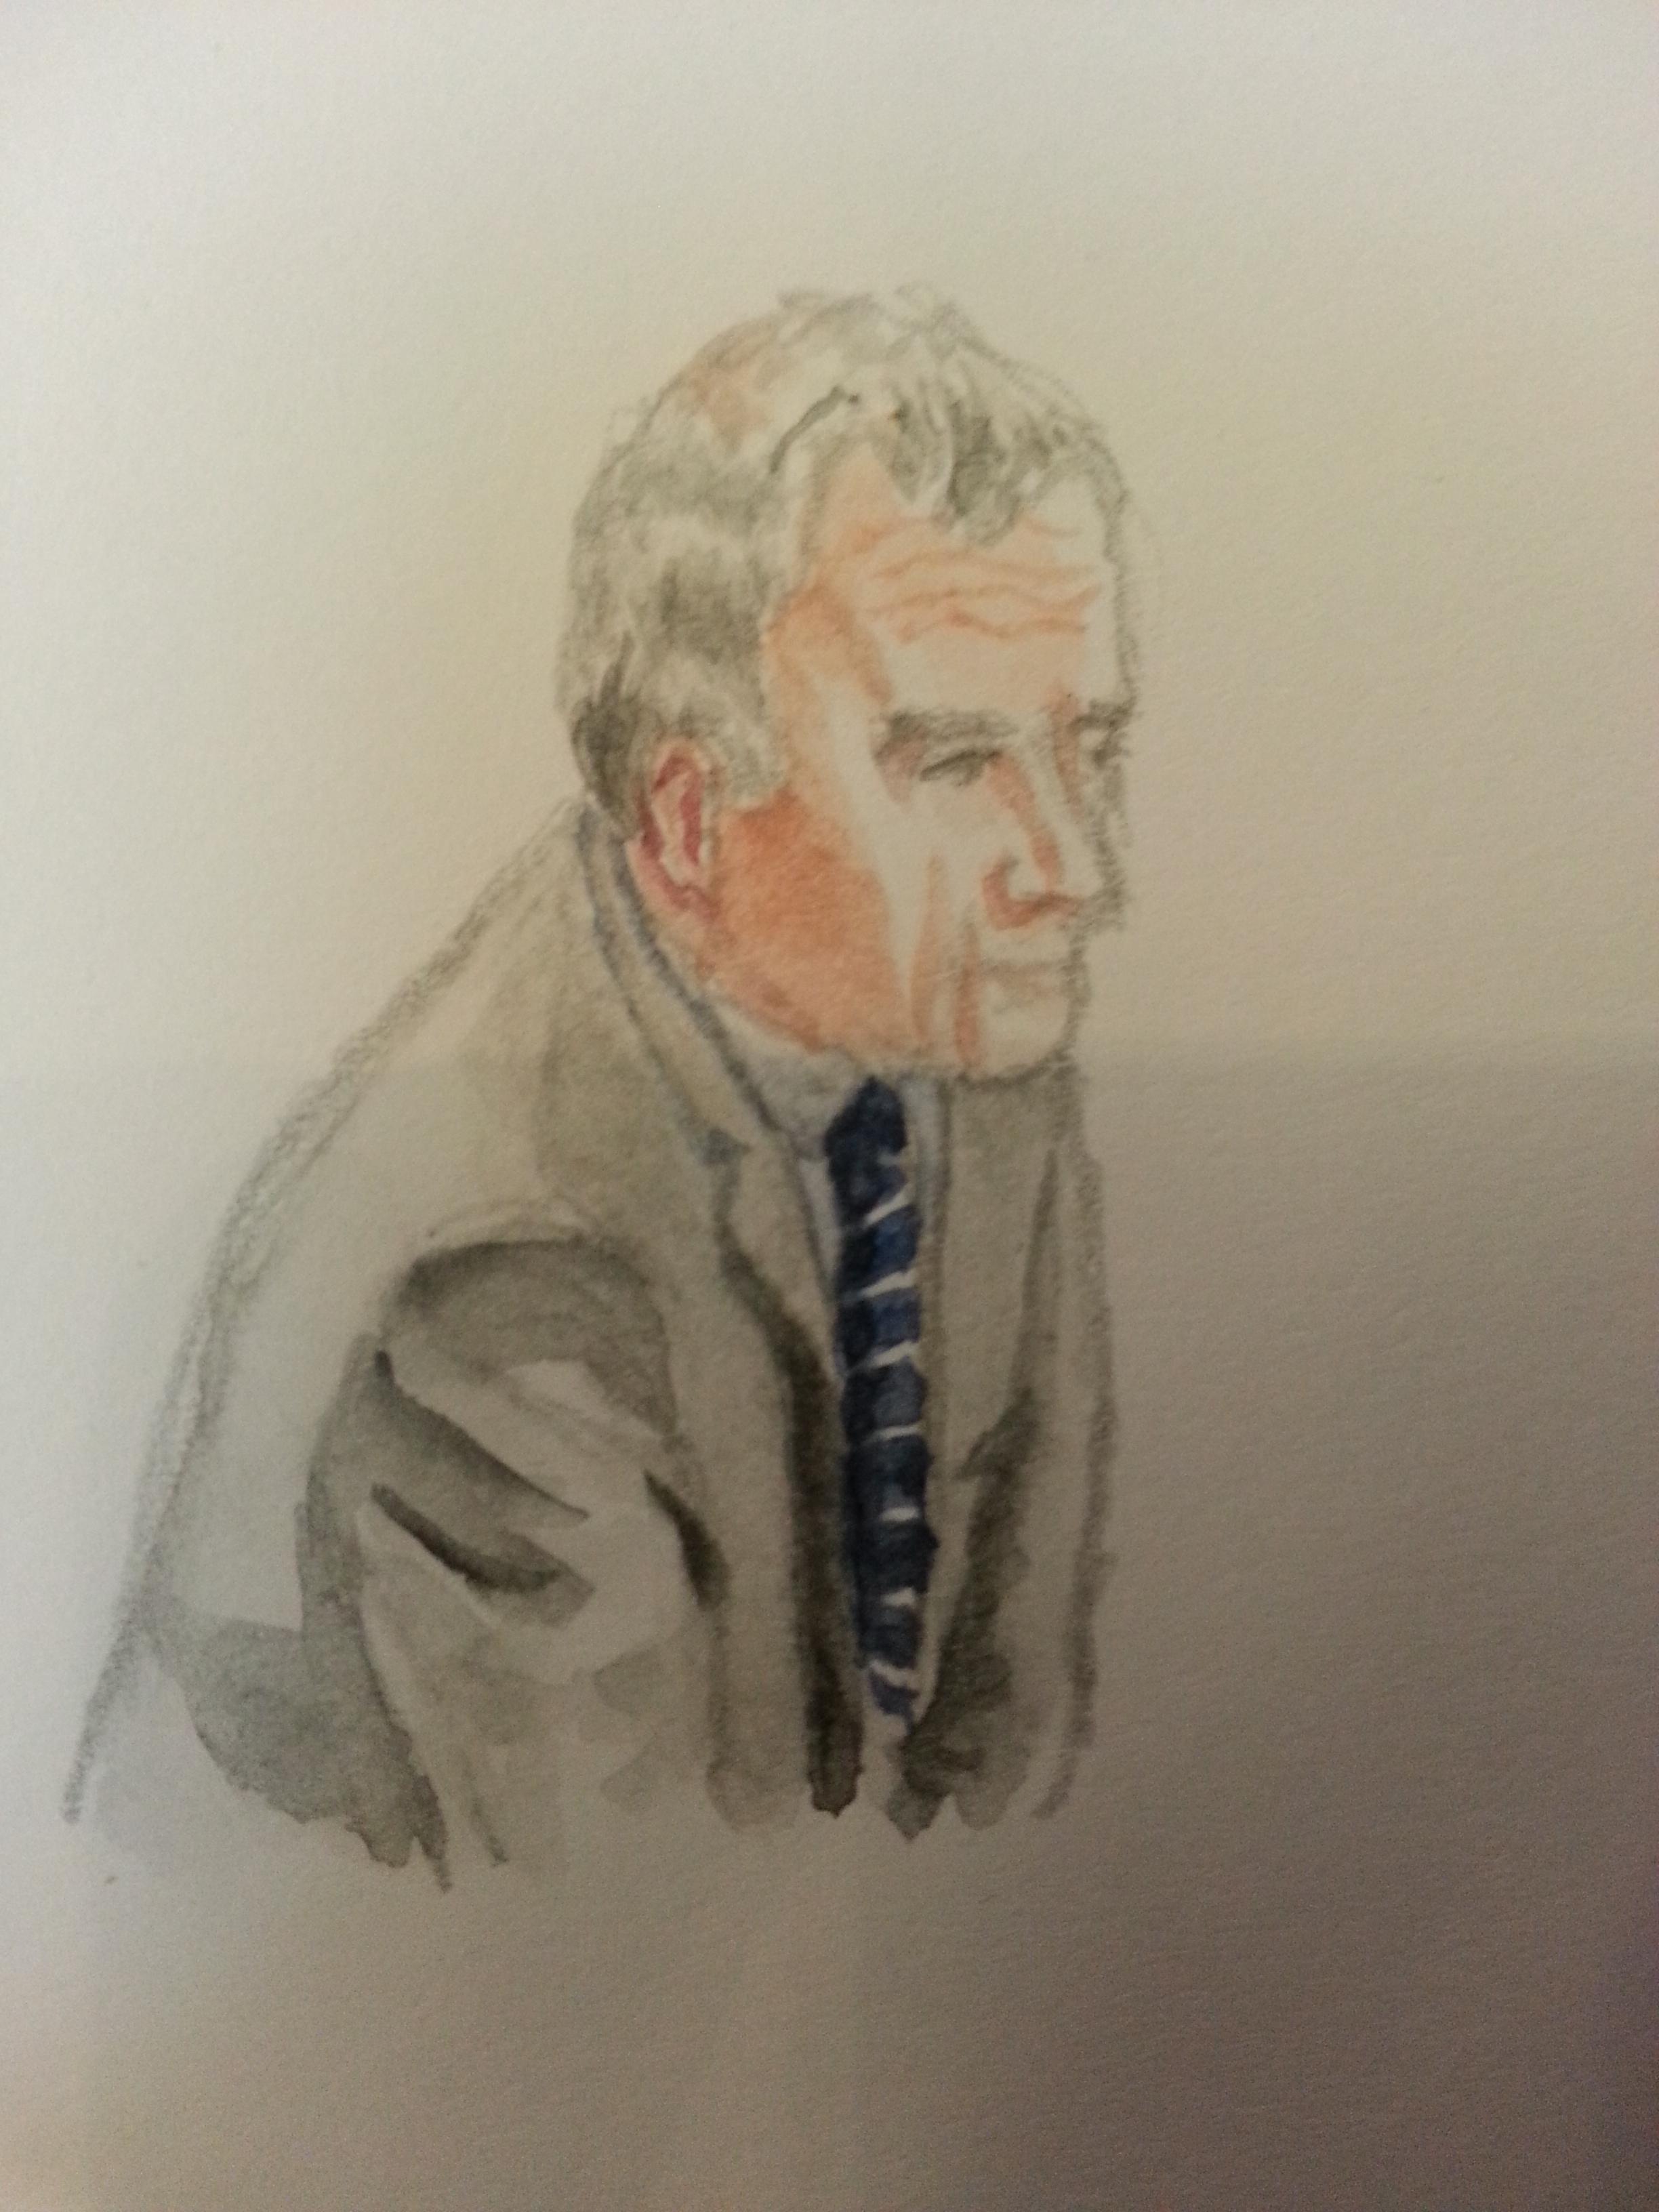 Zeuge Hans Josef Vorbeck bei seiner Anhörung. Zeichnung: Stella Schiffczyk.